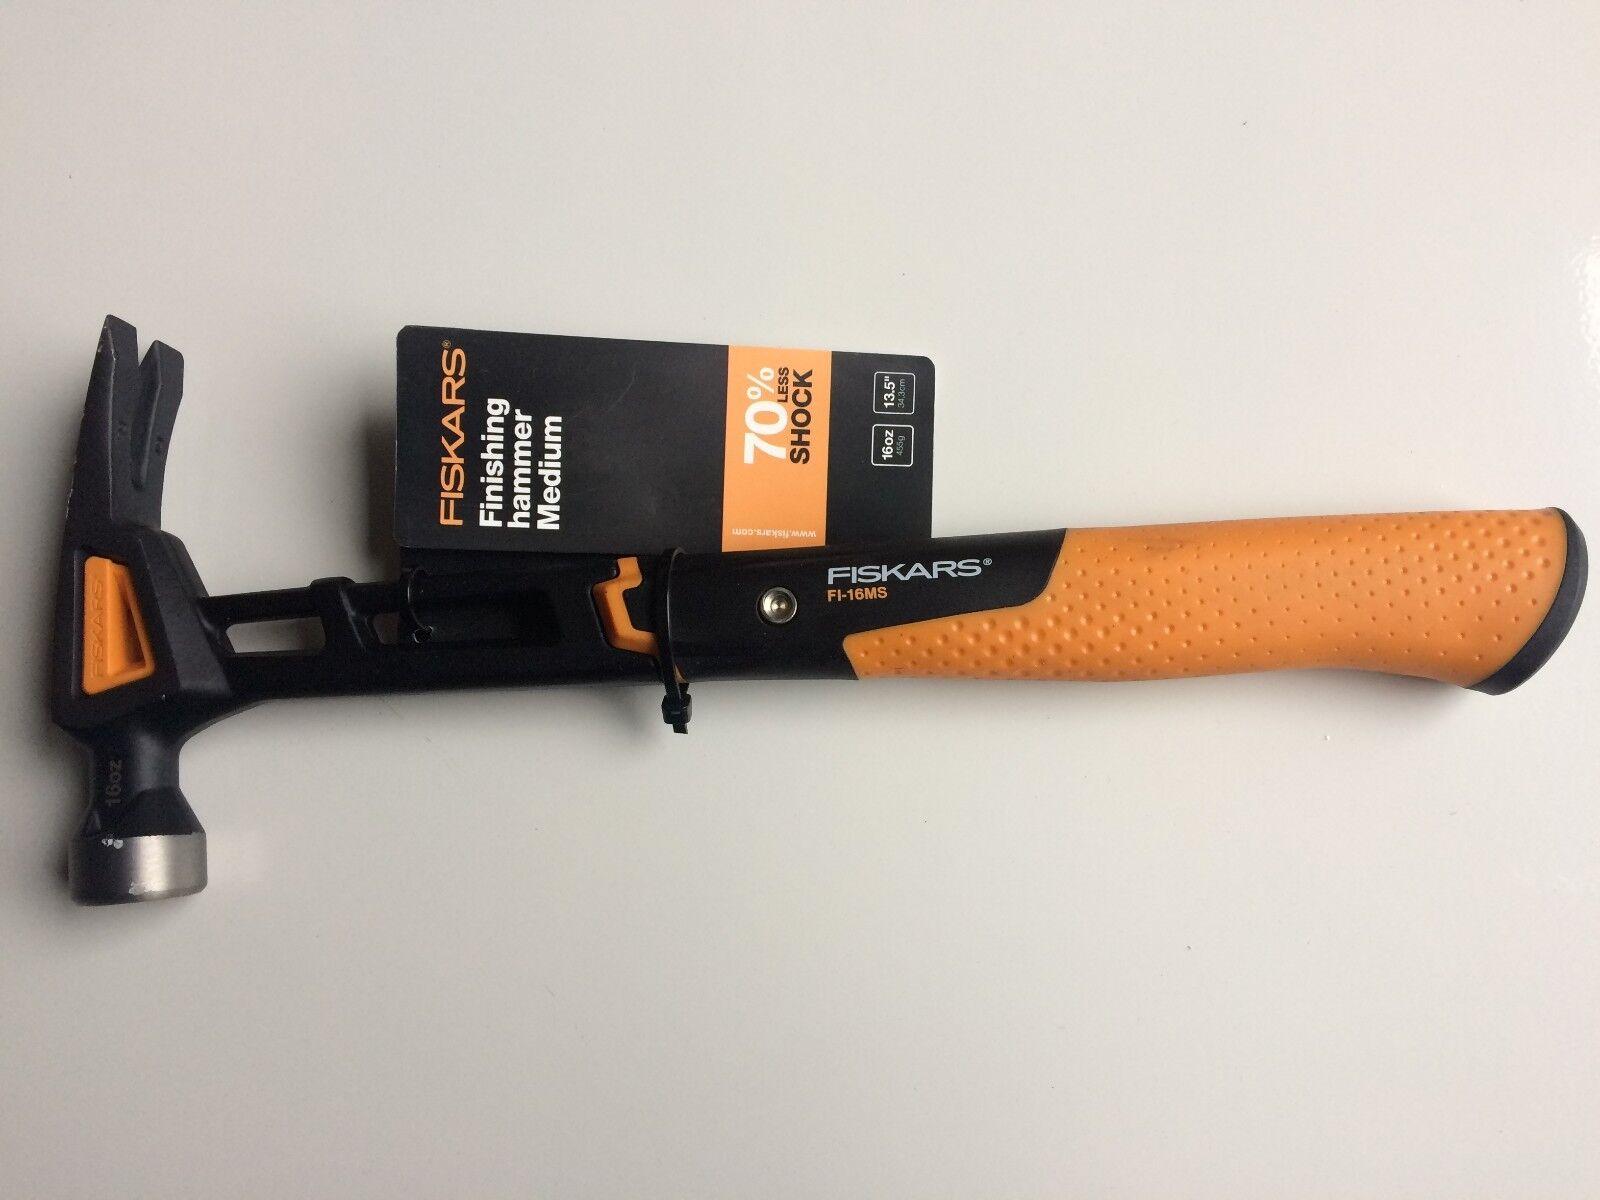 Fiskars Profi-Hammer medium FI-16MS 70% vibrationsrotuziert   HIT   NEU | Qualität zuerst  | Günstige Bestellung